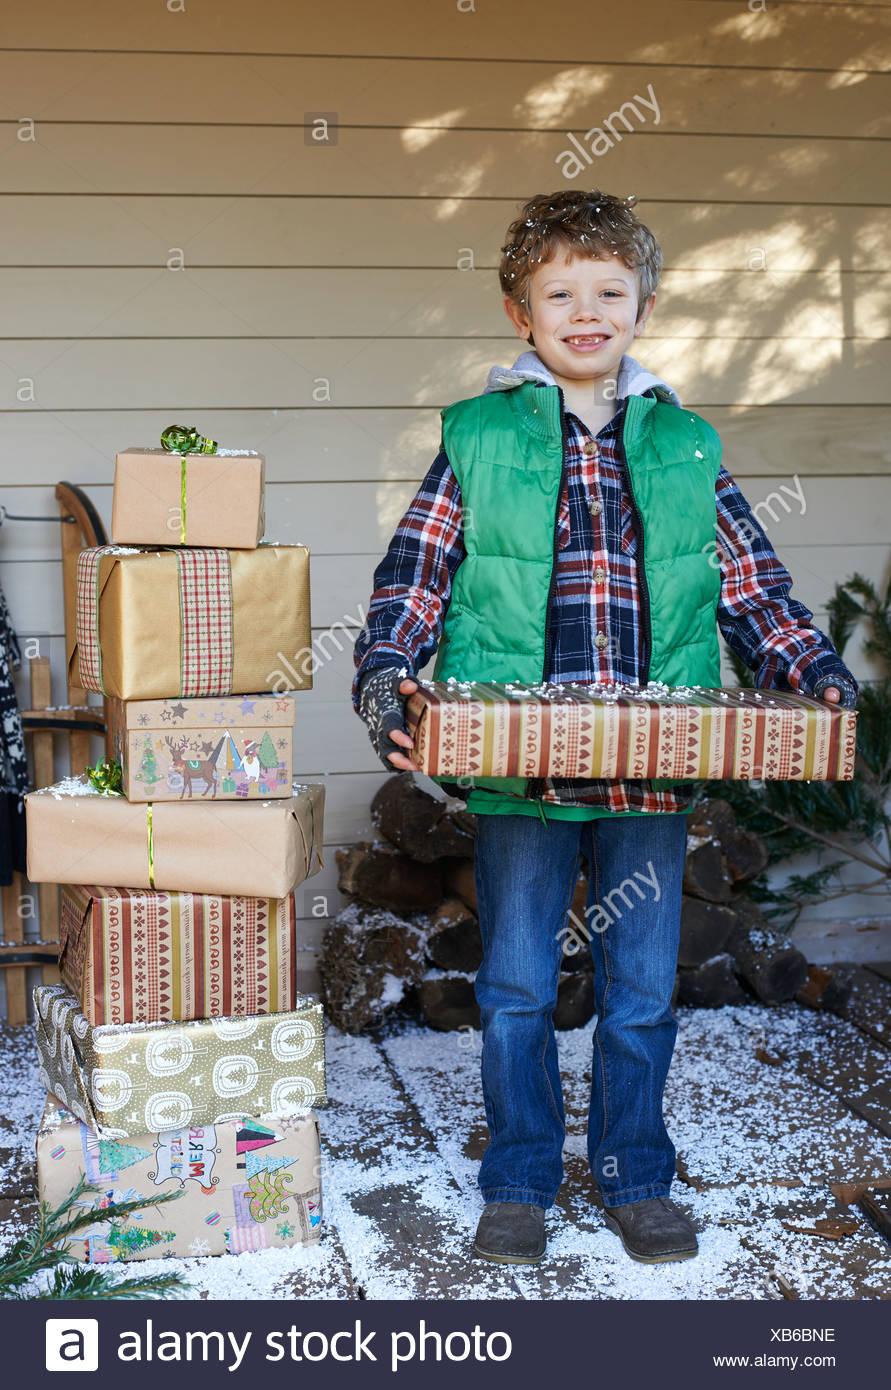 Junge hält Weihnachtsgeschenke auf verschneiten Veranda Stockfoto ...